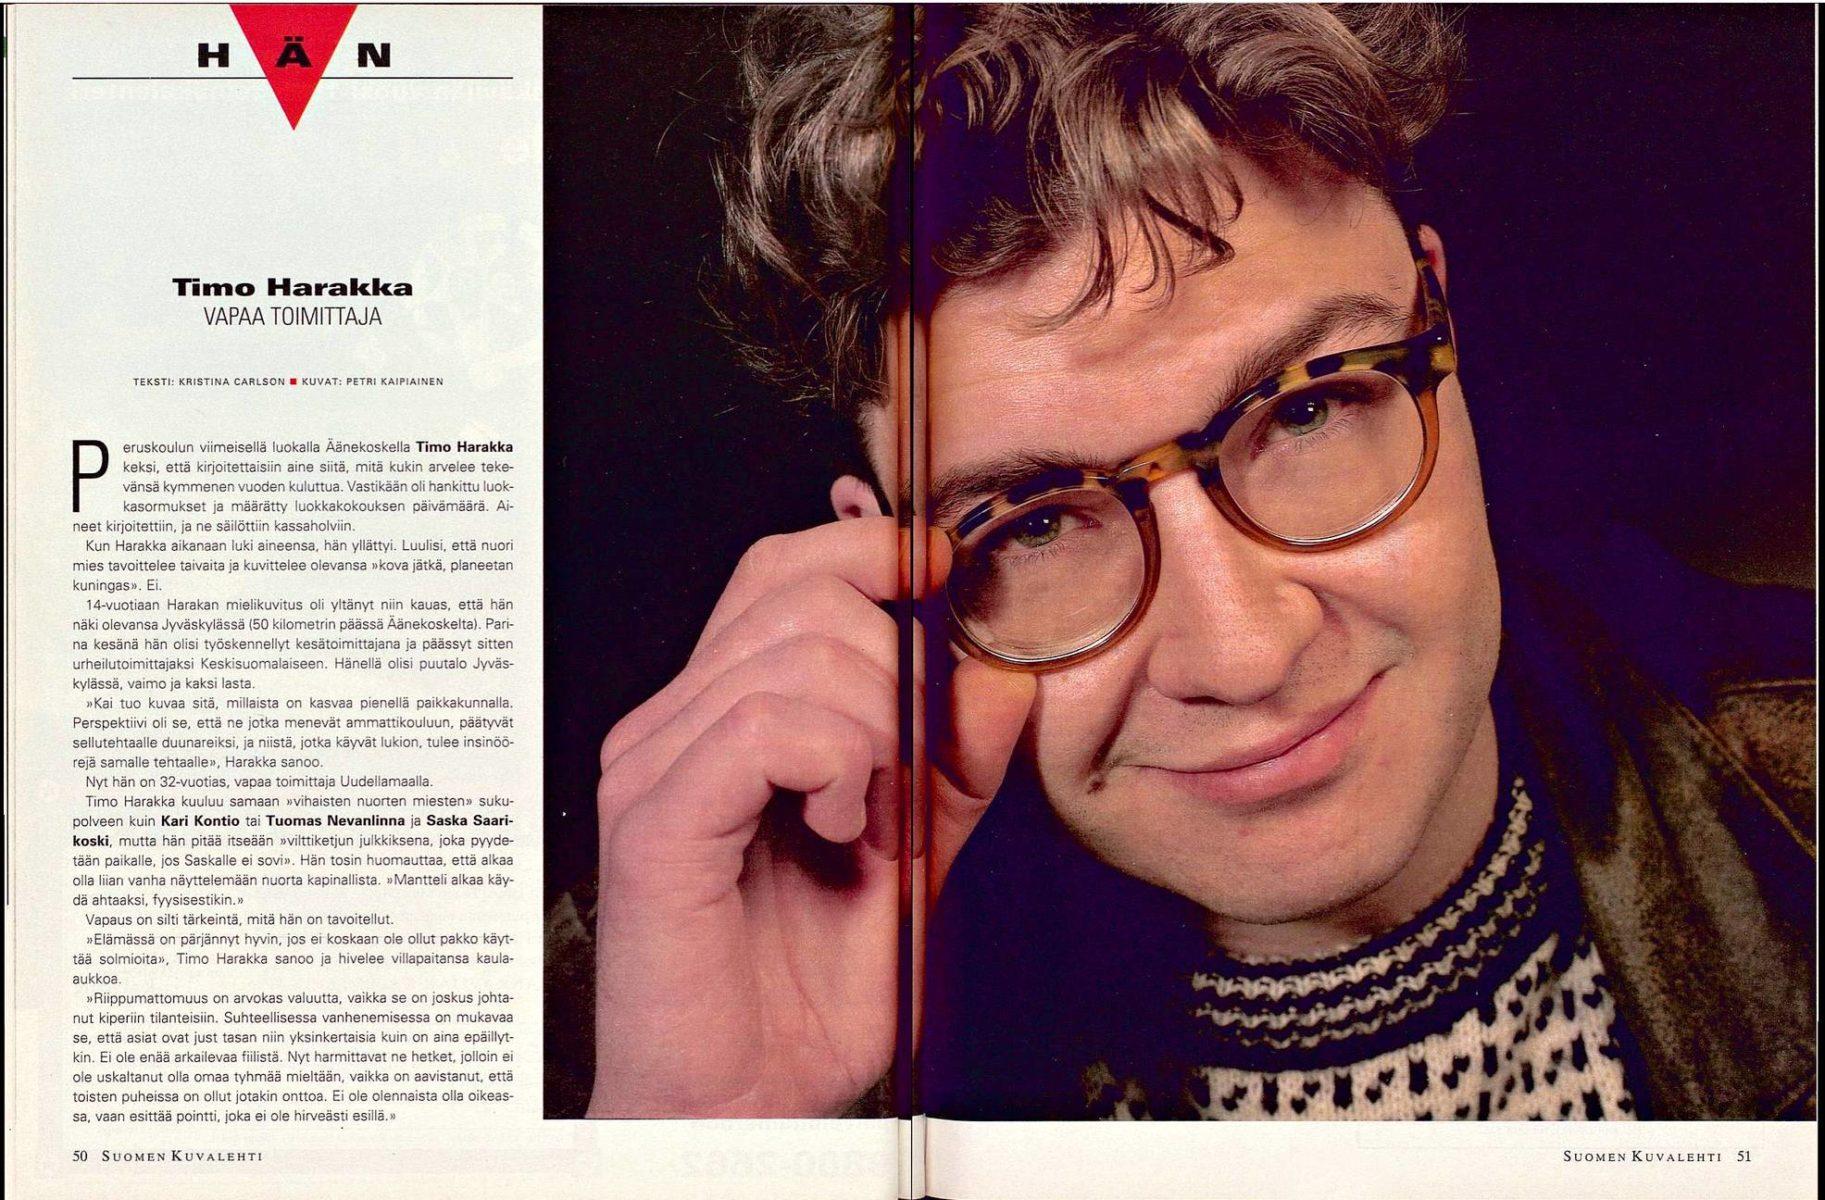 """SK 14/1995 (7.4.1995): Kristina Carlson: """"Hän: Timo Harakka, vapaa toimittaja"""". Kuva: Petri Kaipiainen."""